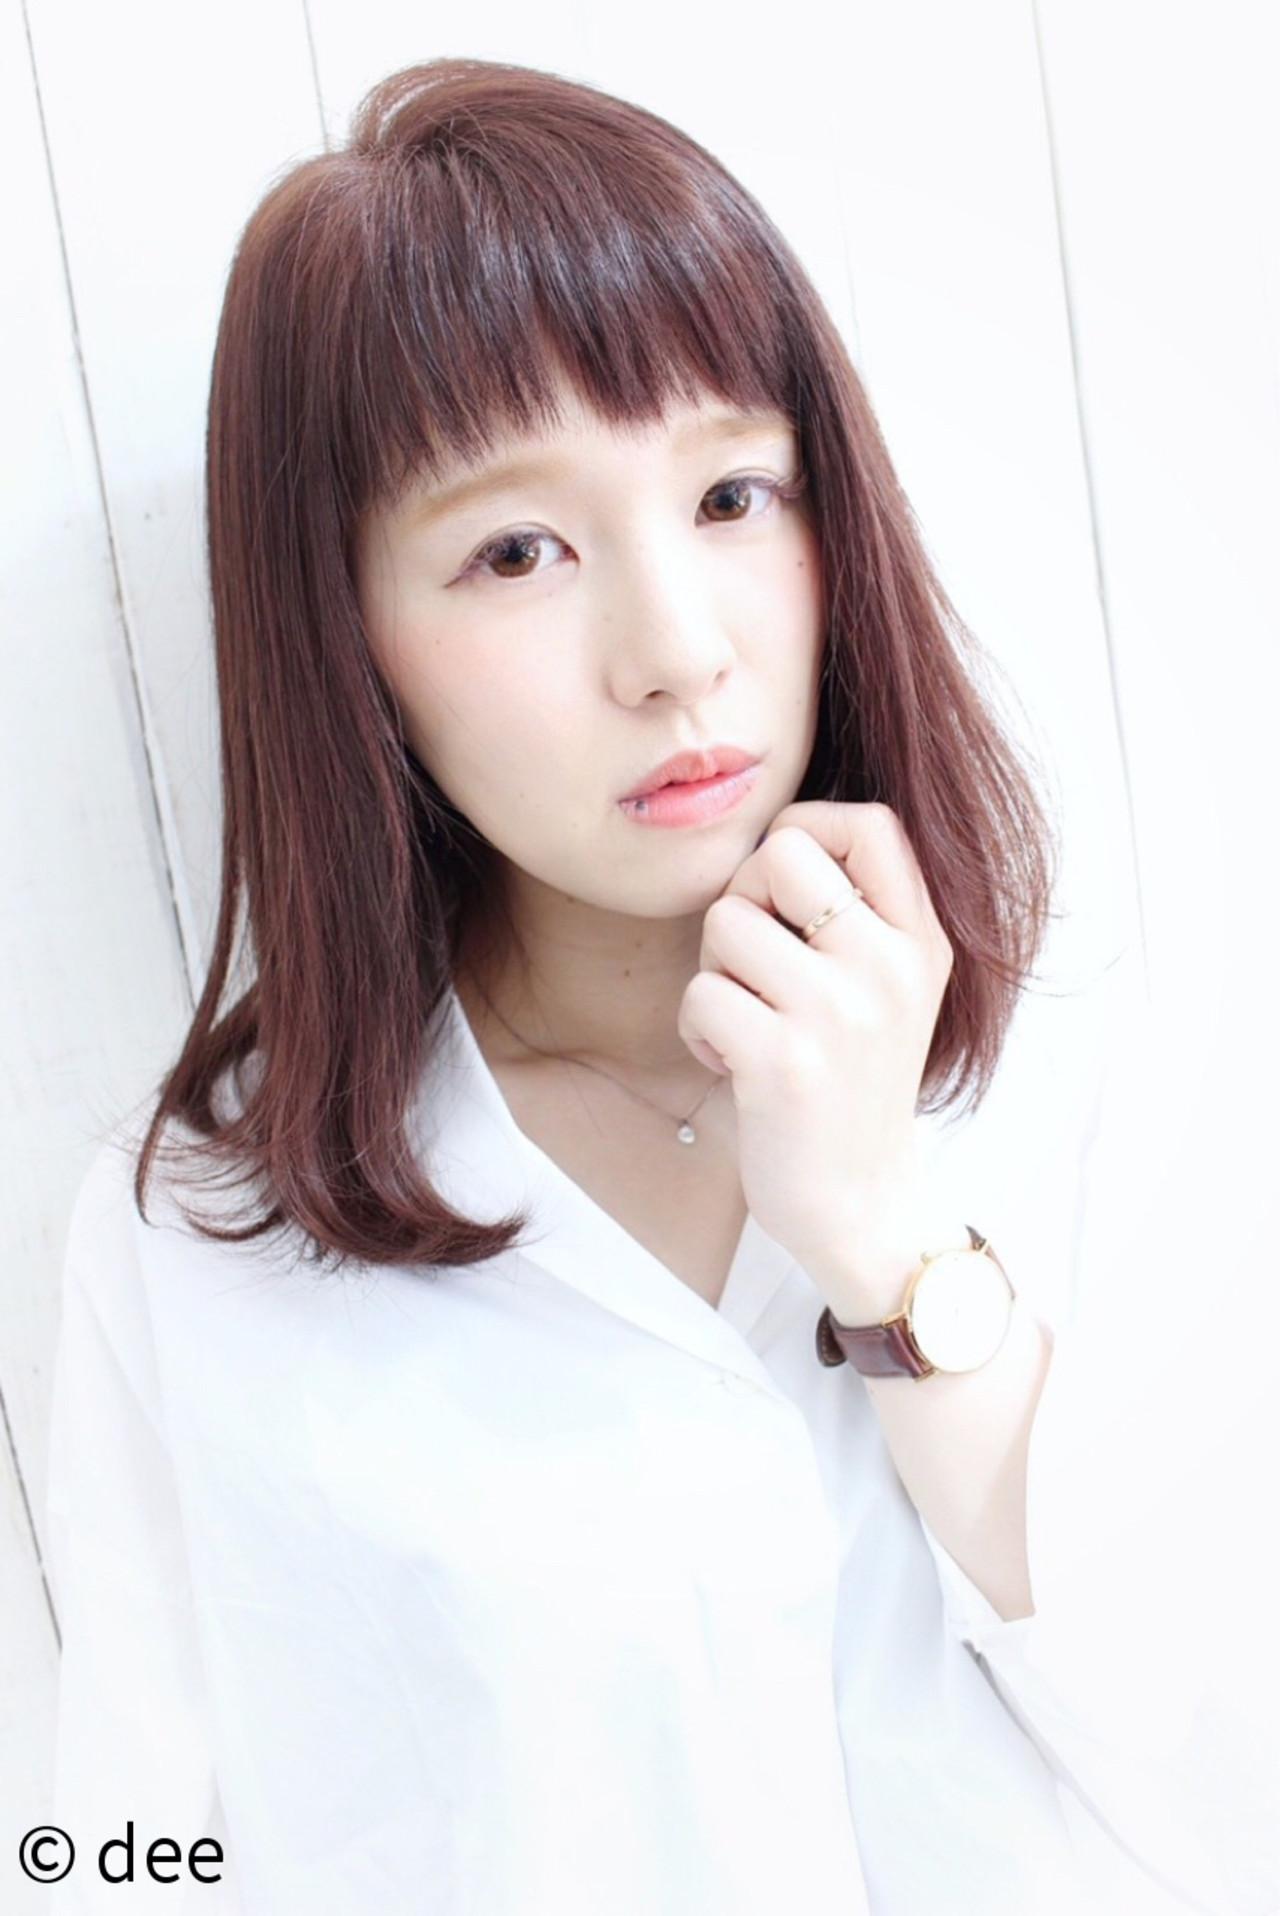 ミディアム ピンク ナチュラル ロブ ヘアスタイルや髪型の写真・画像